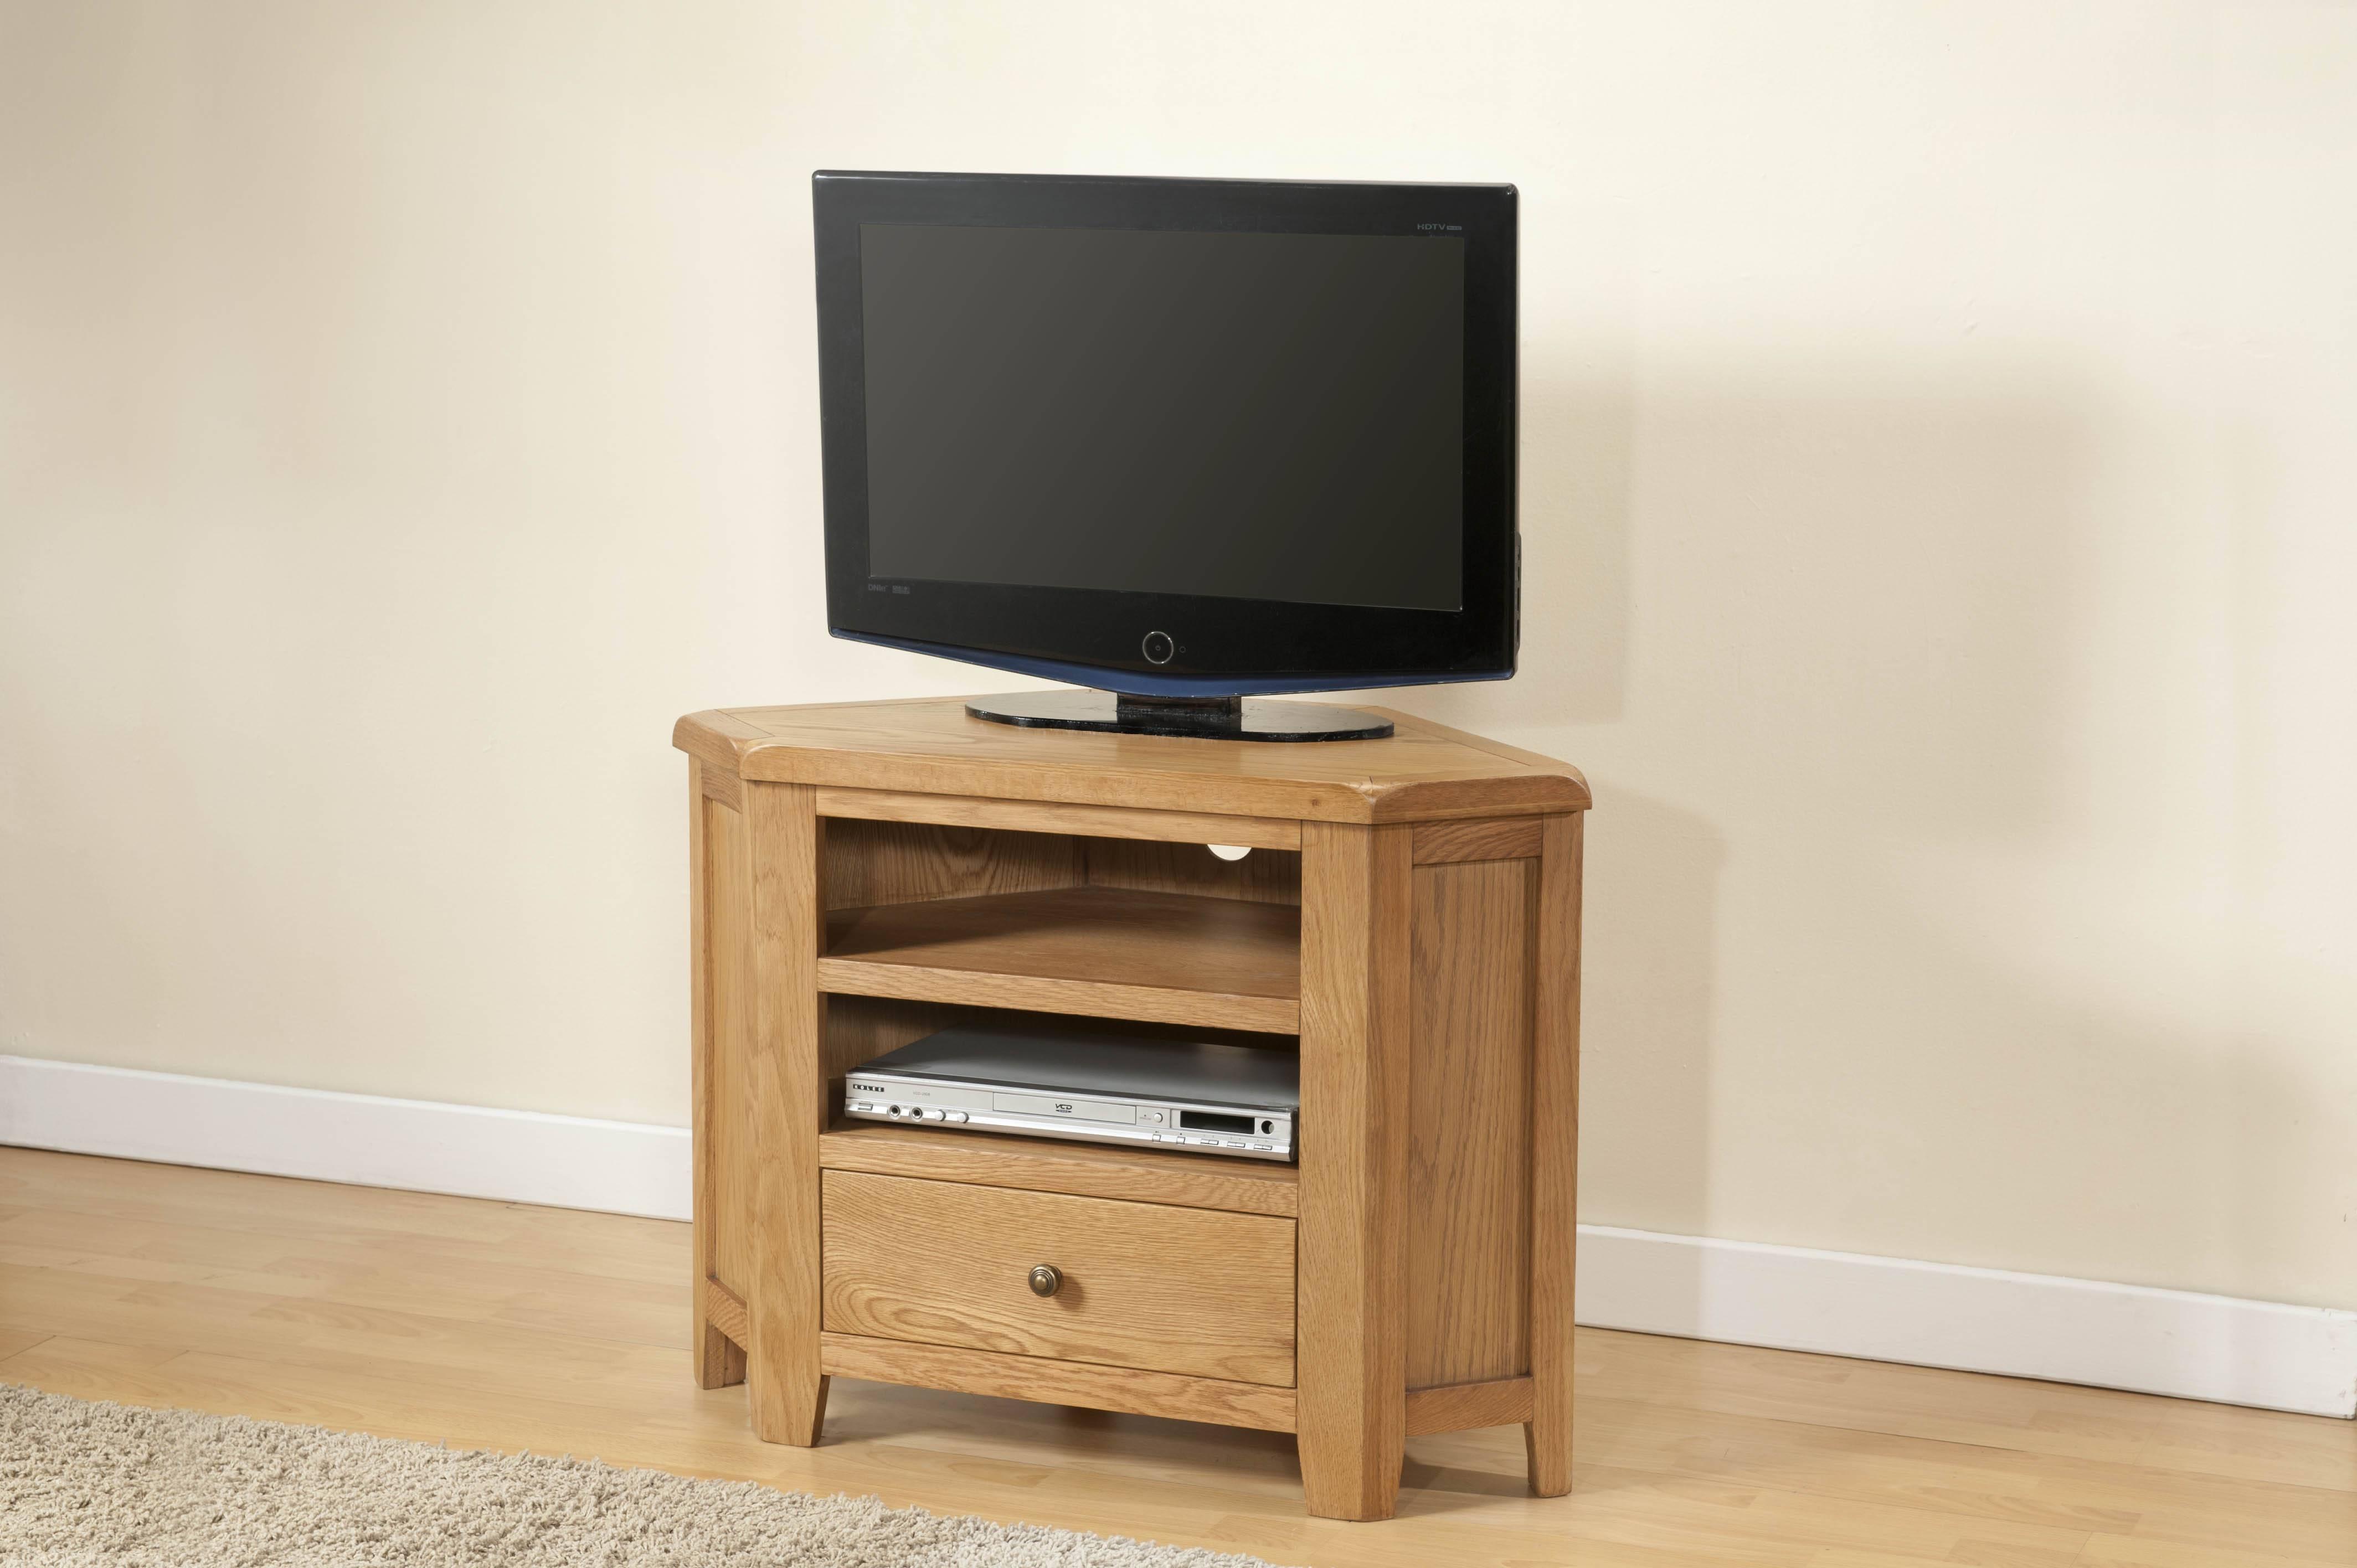 Corner Tv Unit (25-06) - Papaya Trading within Corner Wooden Tv Cabinets (Image 6 of 15)